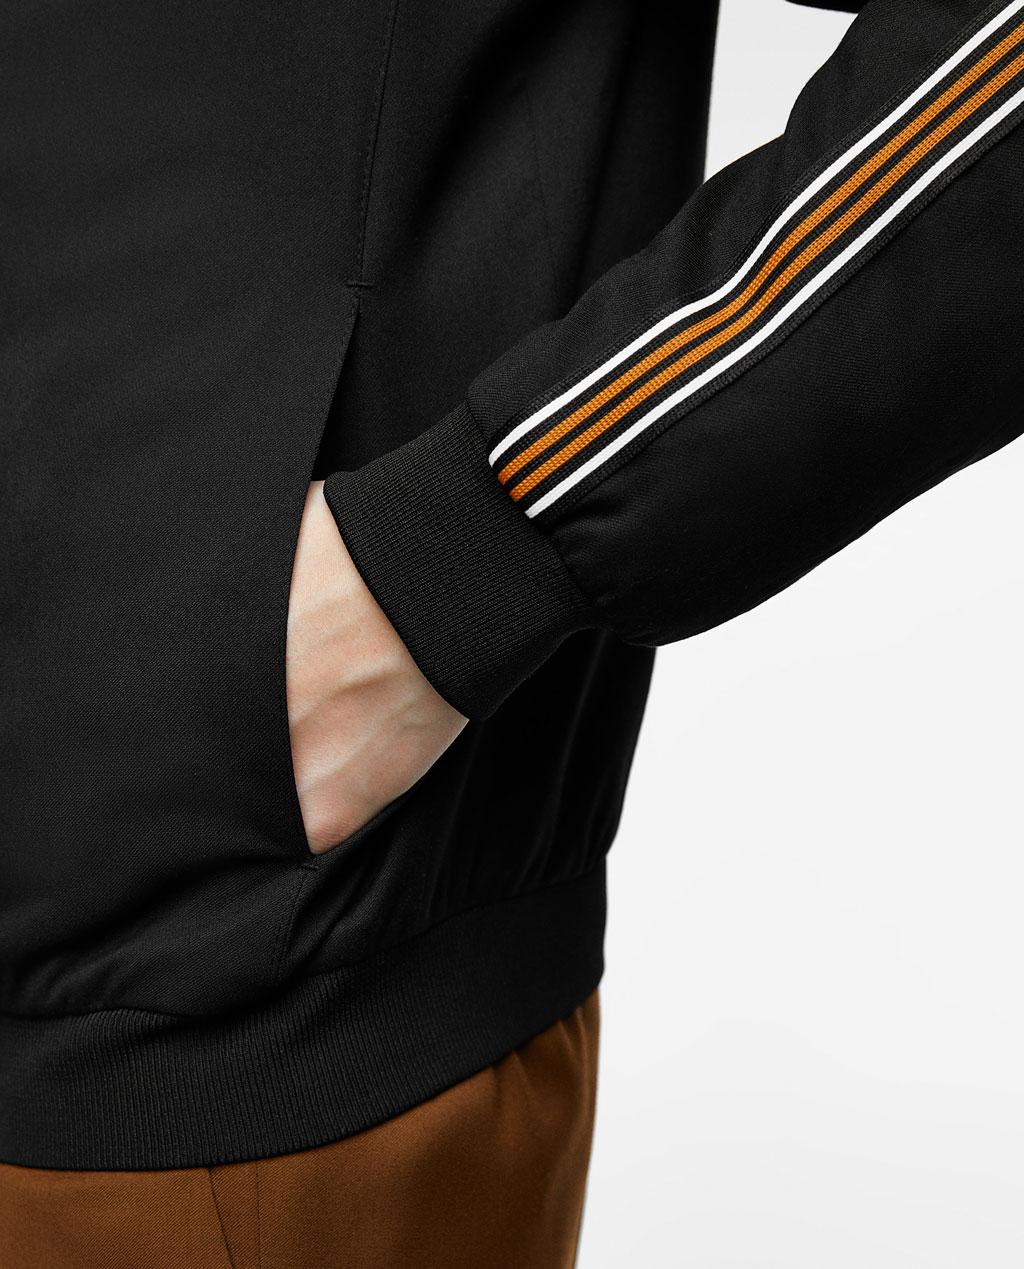 Thời trang nam Zara  23951 - ảnh 9